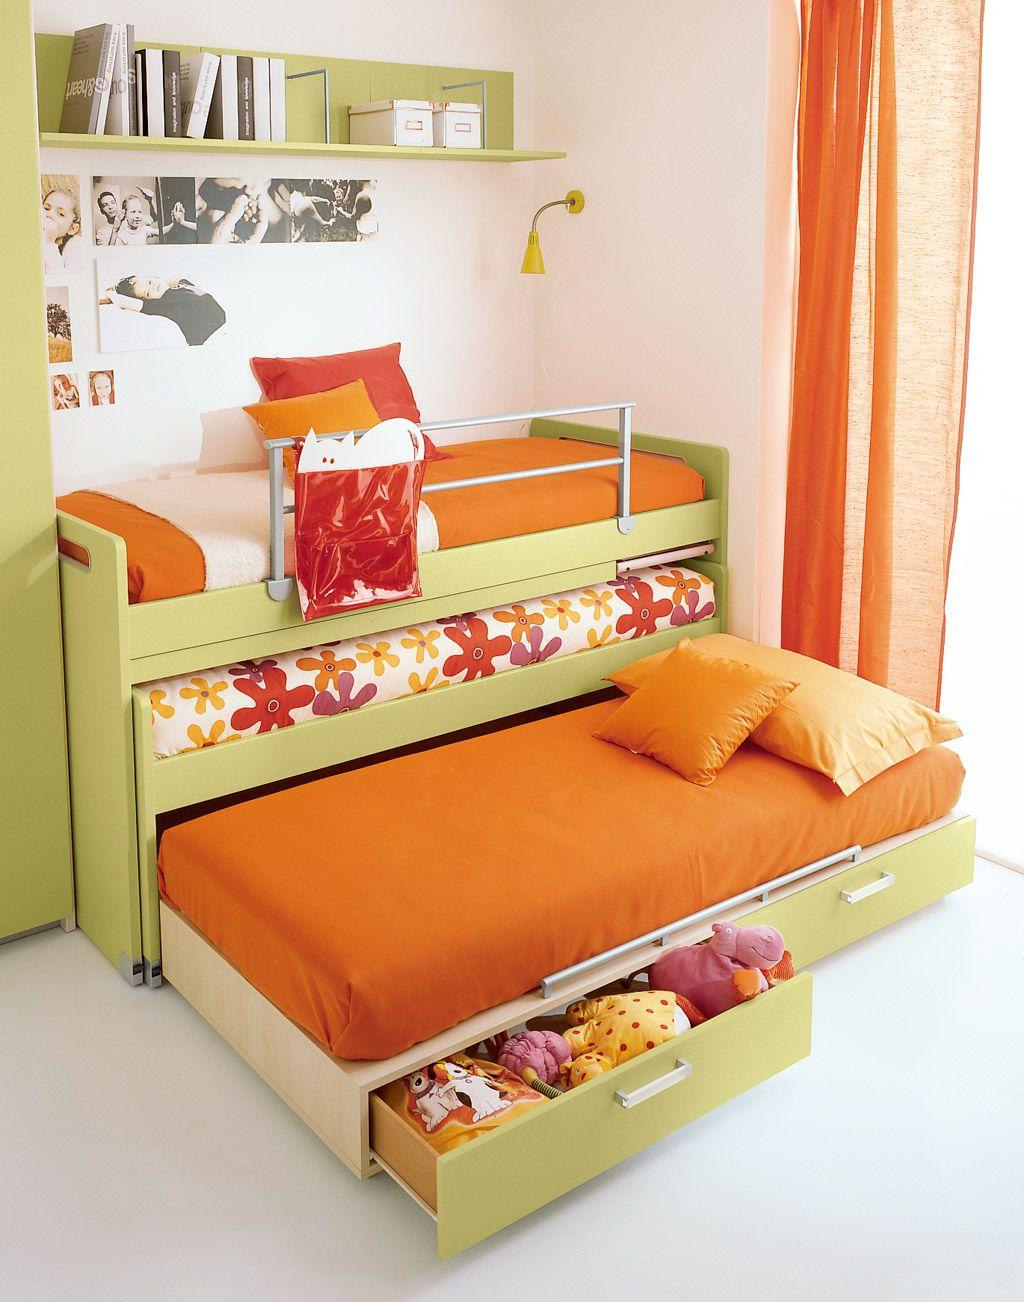 Кровать с двумя выдвижными спальными местами и шухлядами для игрушек